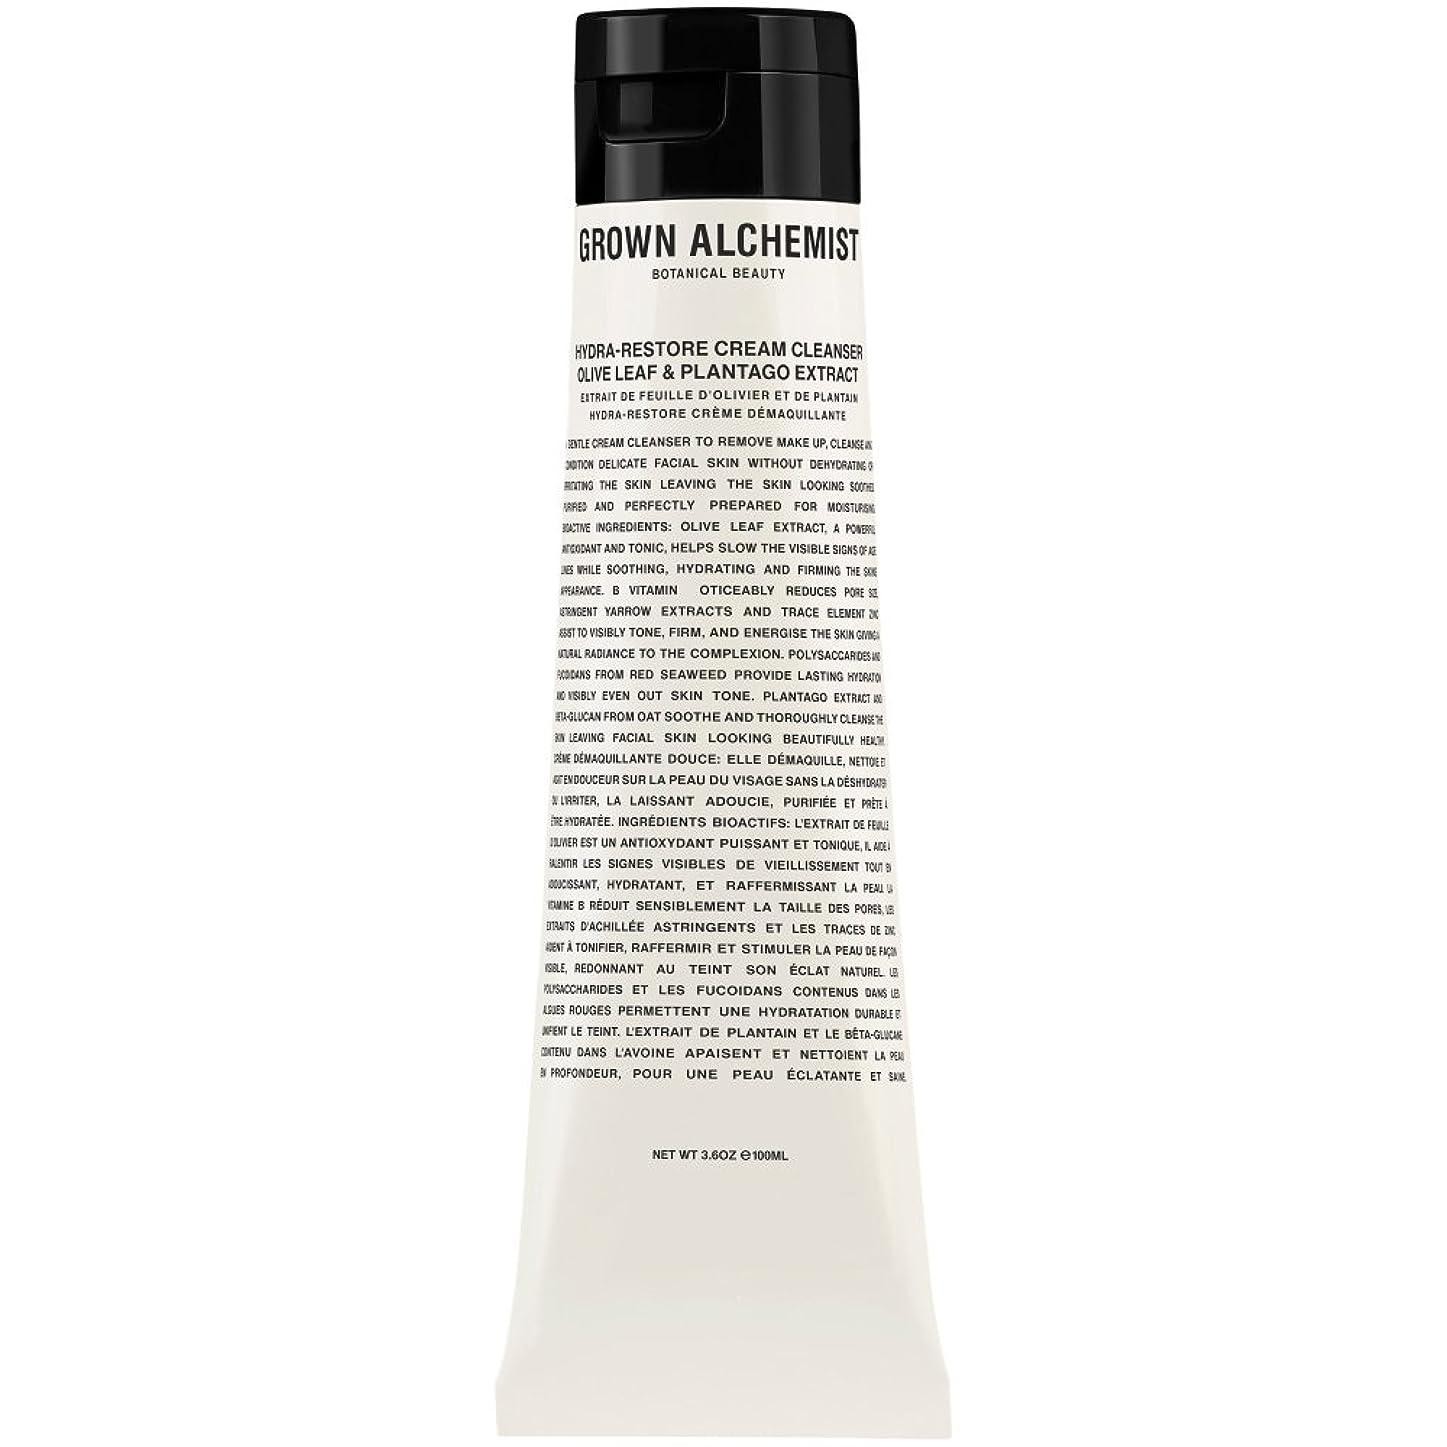 水っぽい医薬品服を片付けるオリーブの葉&Plantogoエキス、100ミリリットル:成長した錬金術師クリームクレンザーをヒドラ復元 (Grown Alchemist) (x6) - Grown Alchemist Hydra-Restore Cream Cleanser: Olive Leaf & Plantogo Extract, 100ml (Pack of 6) [並行輸入品]